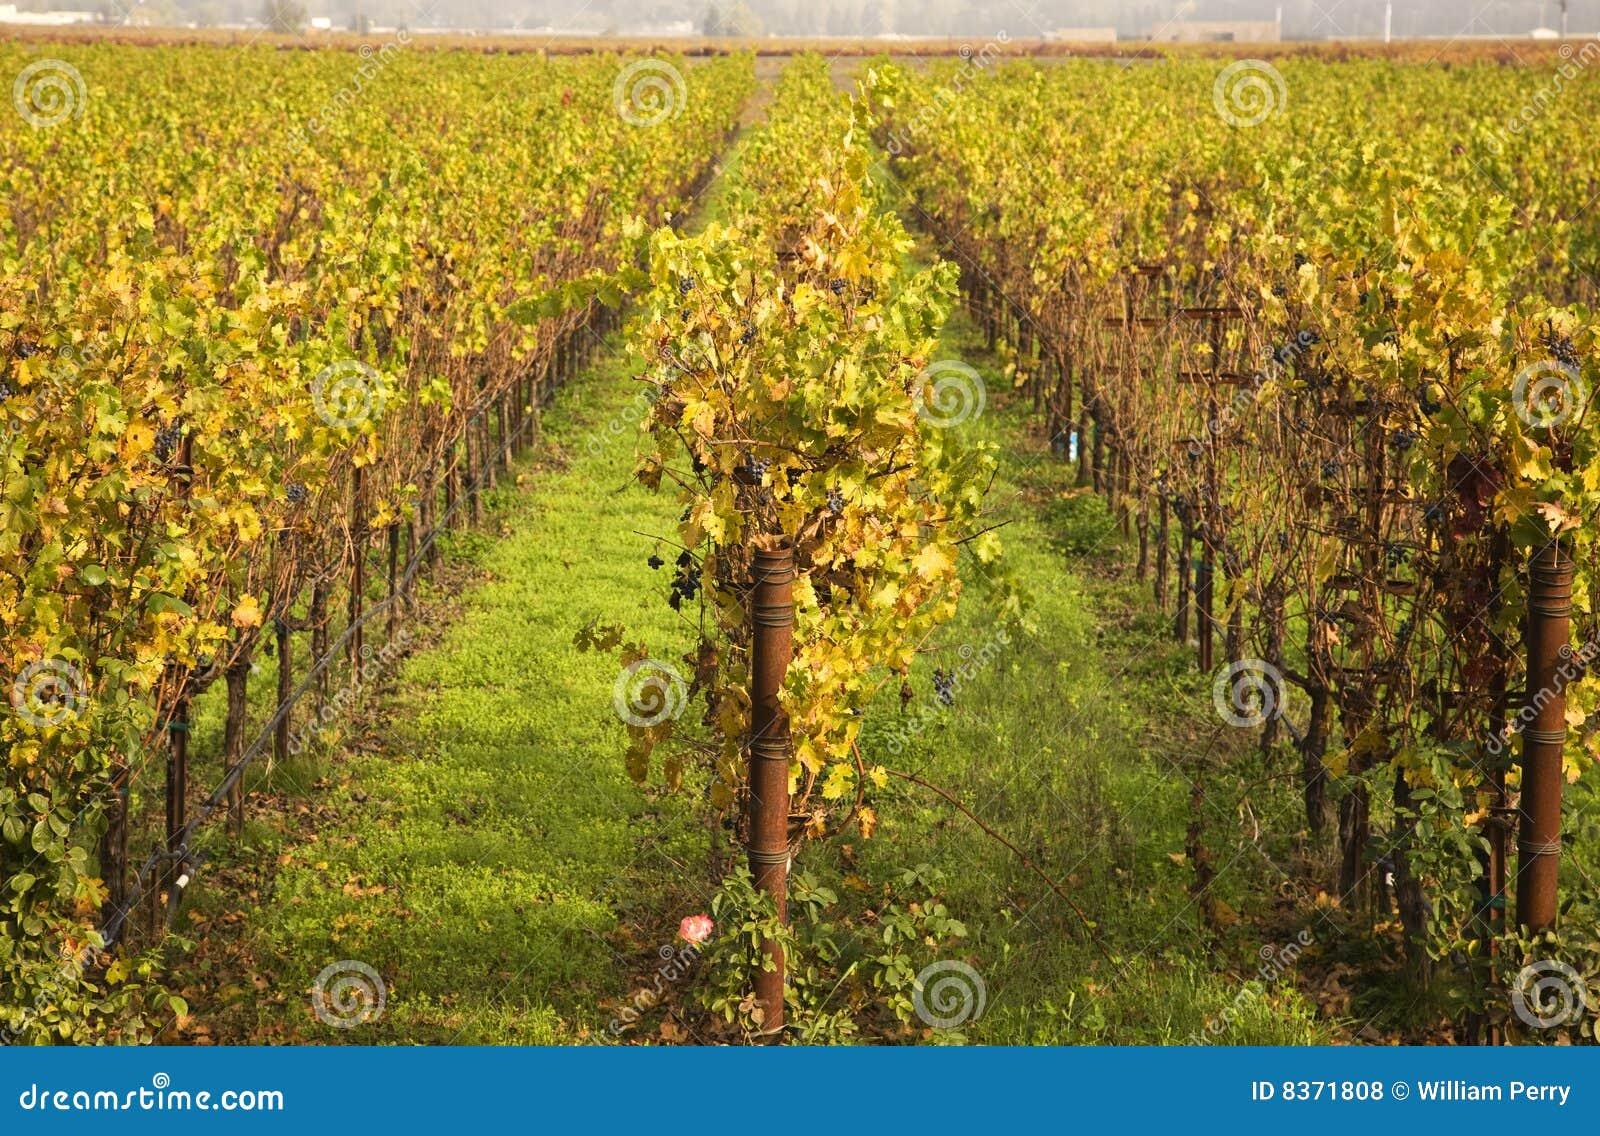 падение выходит лозам рядков napa желтый цвет виноградников